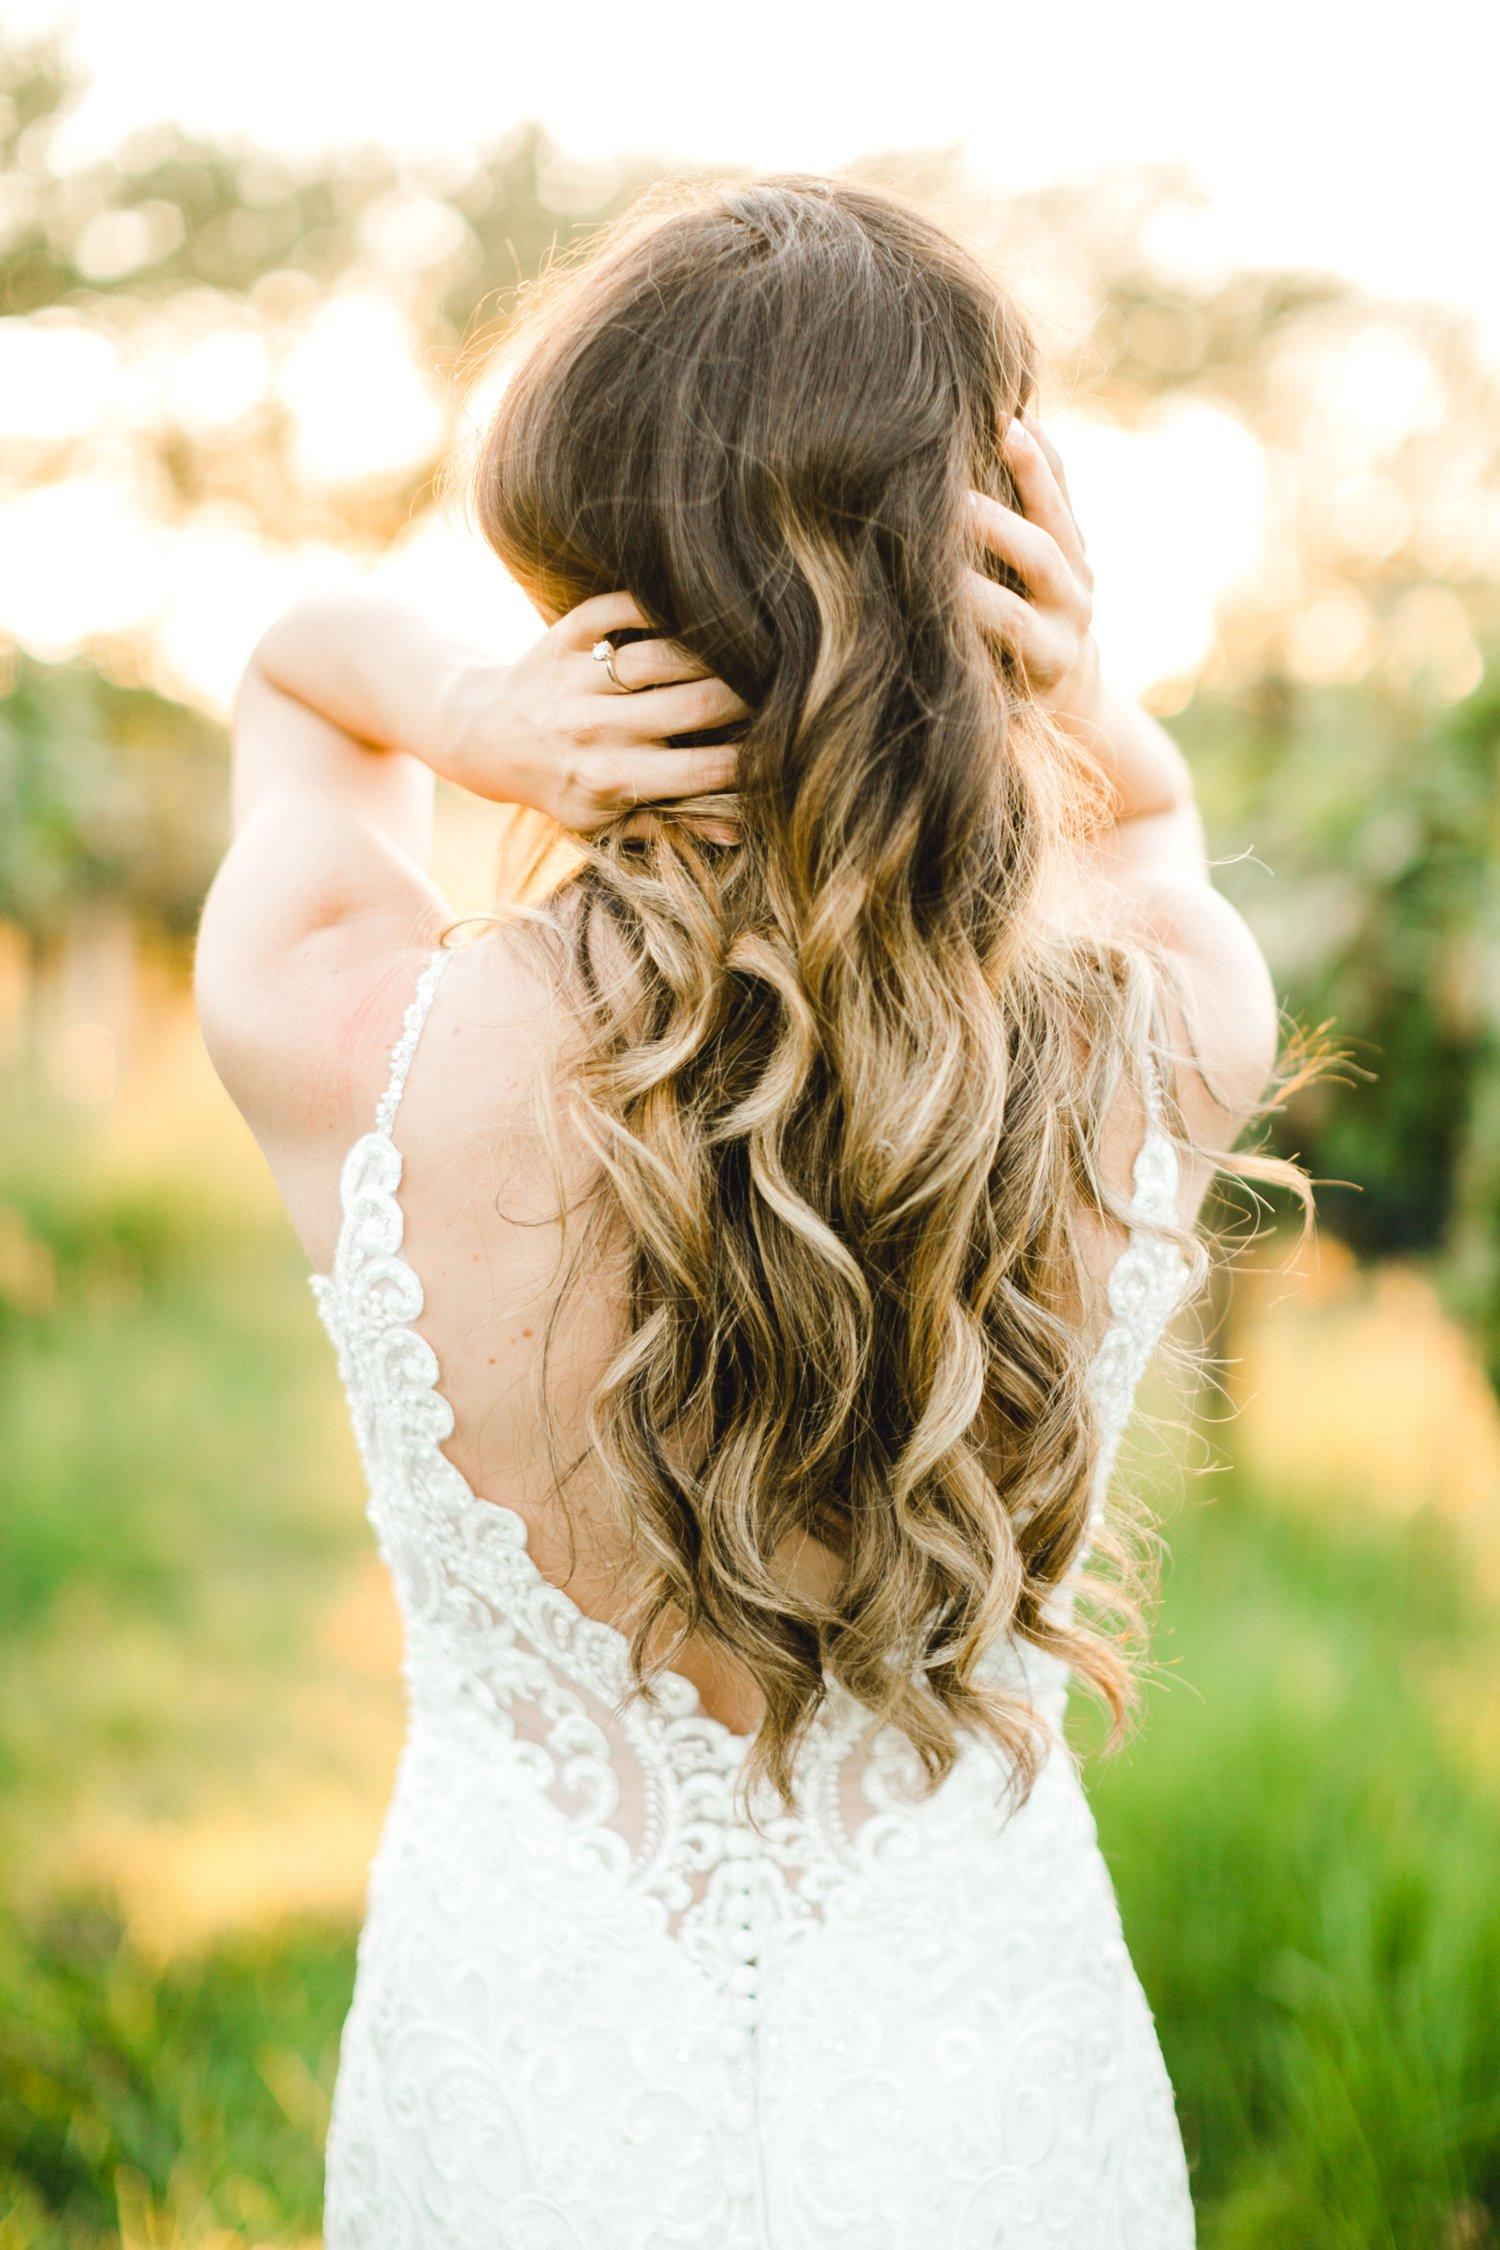 Ashley_Parr_Bridals_ALLEEJ_caprock_winery_romantic_elegant0028.jpg